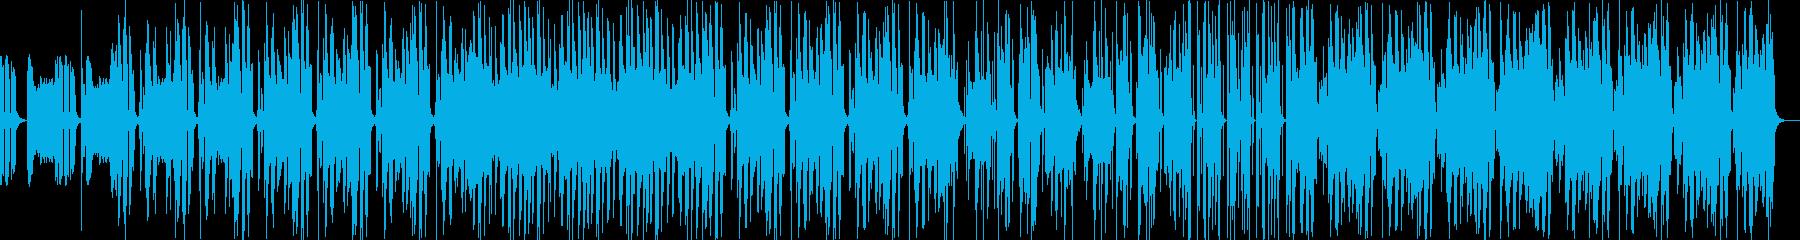 クールで勢いあるボーカルチョップEDMの再生済みの波形